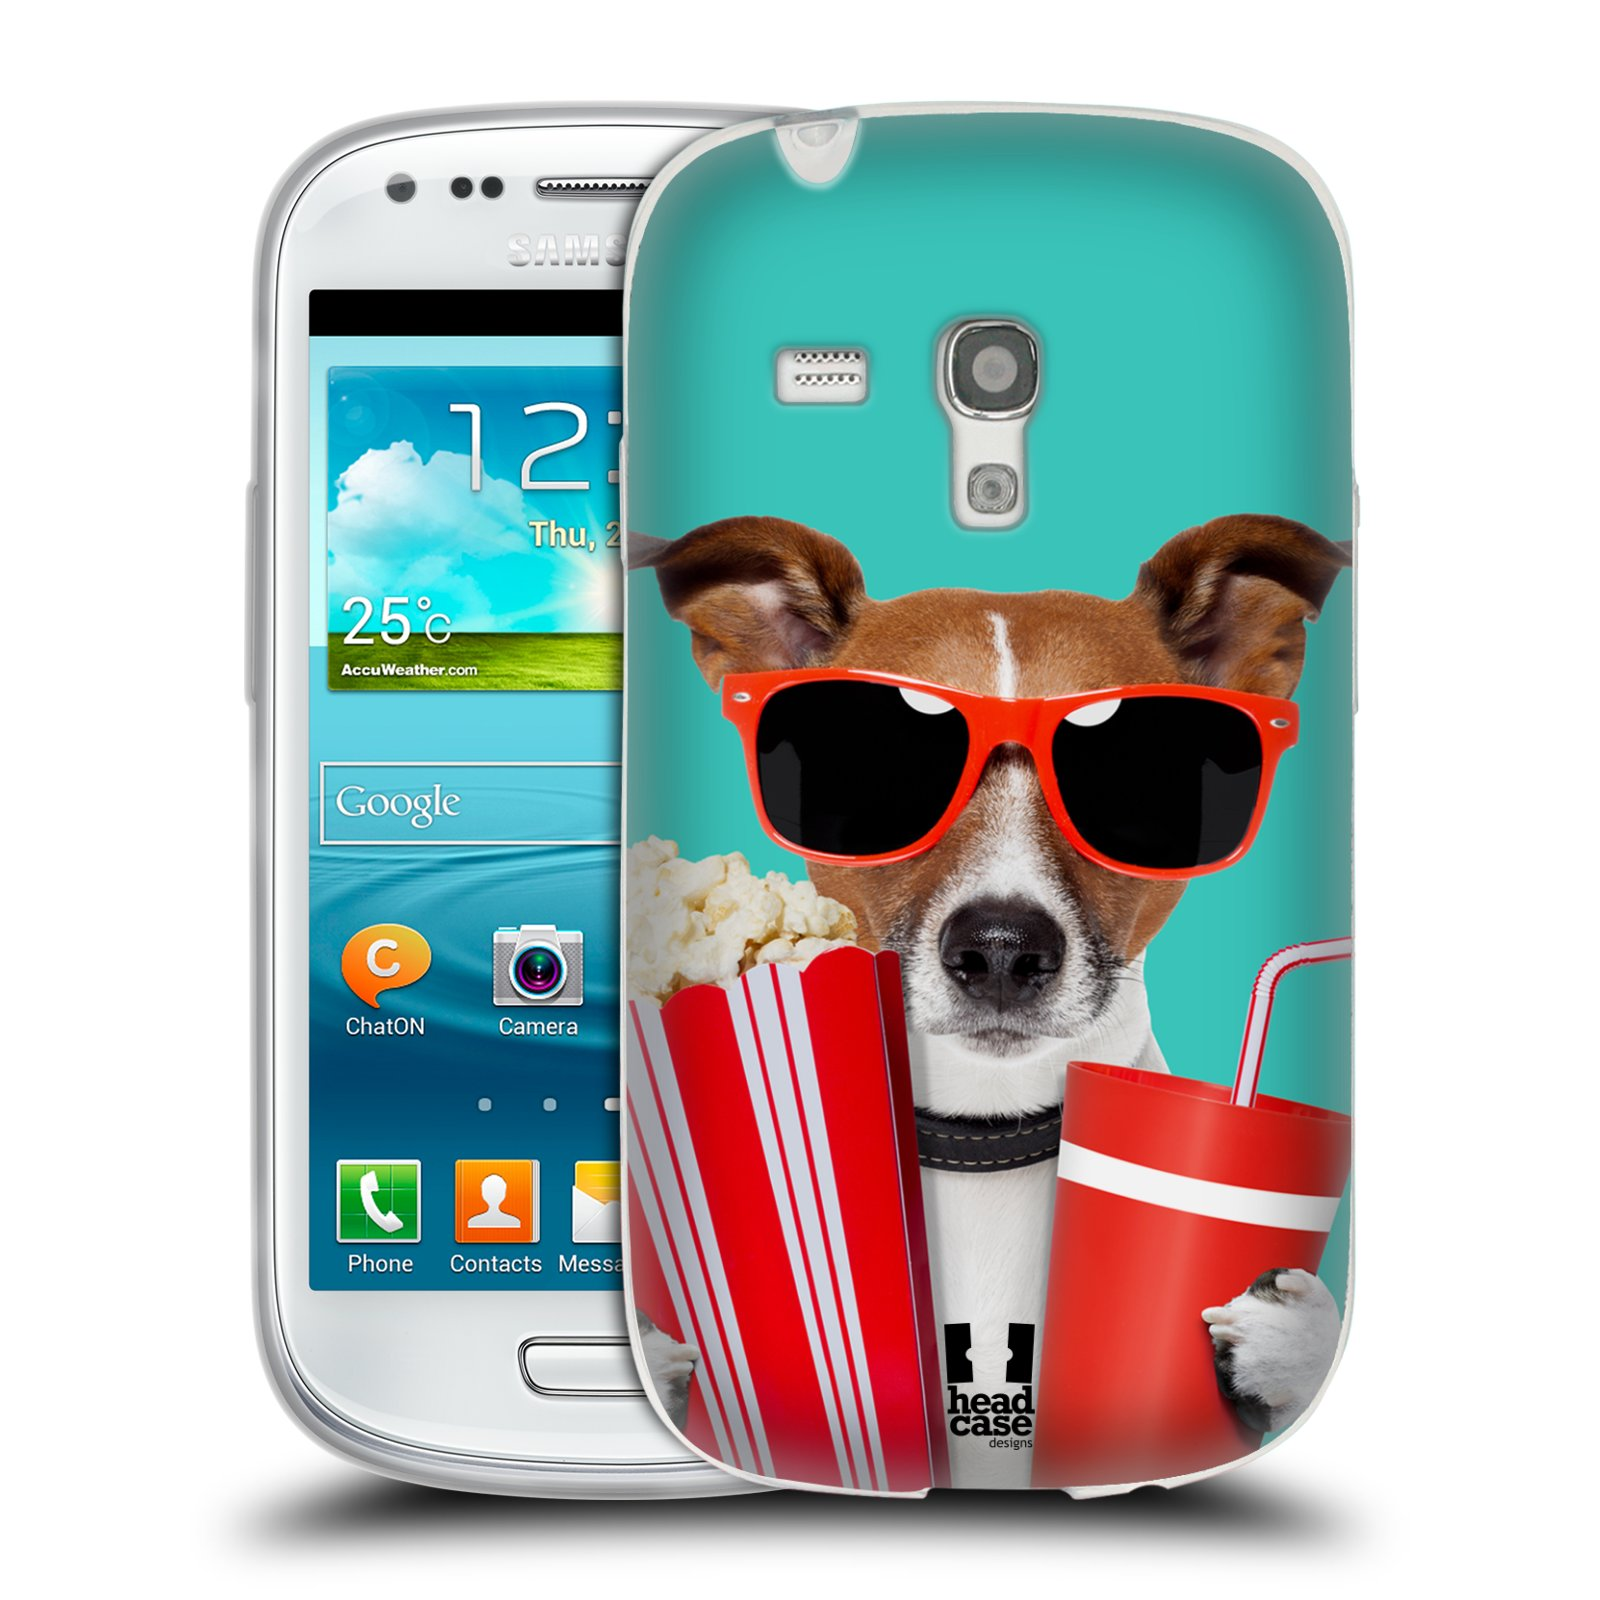 HEAD CASE silikonový obal na mobil Samsung Galaxy S3 MINI i8190 vzor Legrační zvířátka pejsek v kině s popkornem